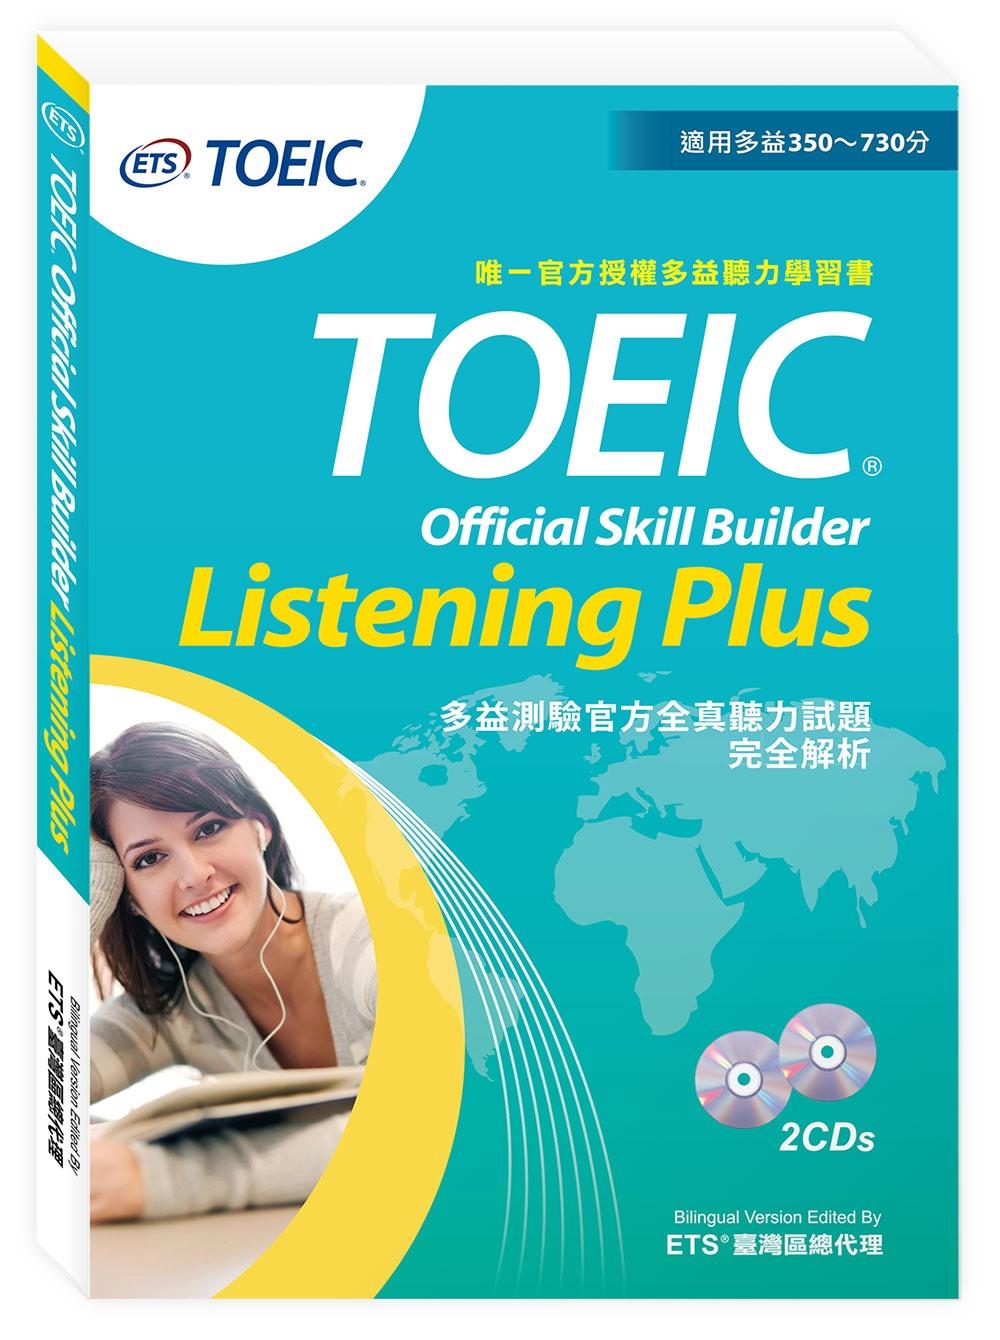 多益测验官方全真听力试题完全解析:TOEIC Official Skill Builder – Listening Plus(附光盘二片)